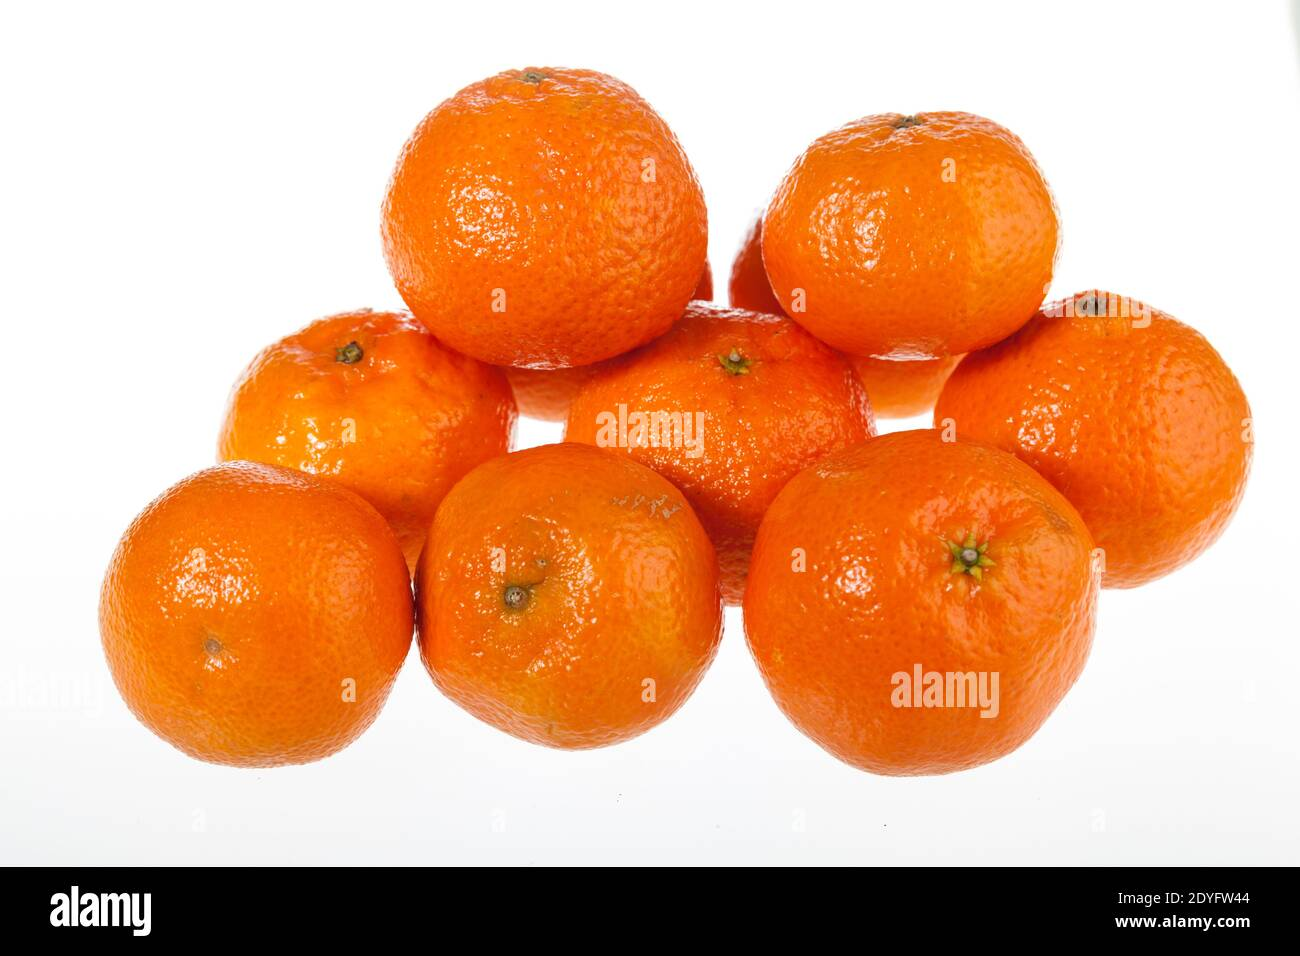 Mandarine orange, Småcitrus (Citrus reticulata) Stockfoto